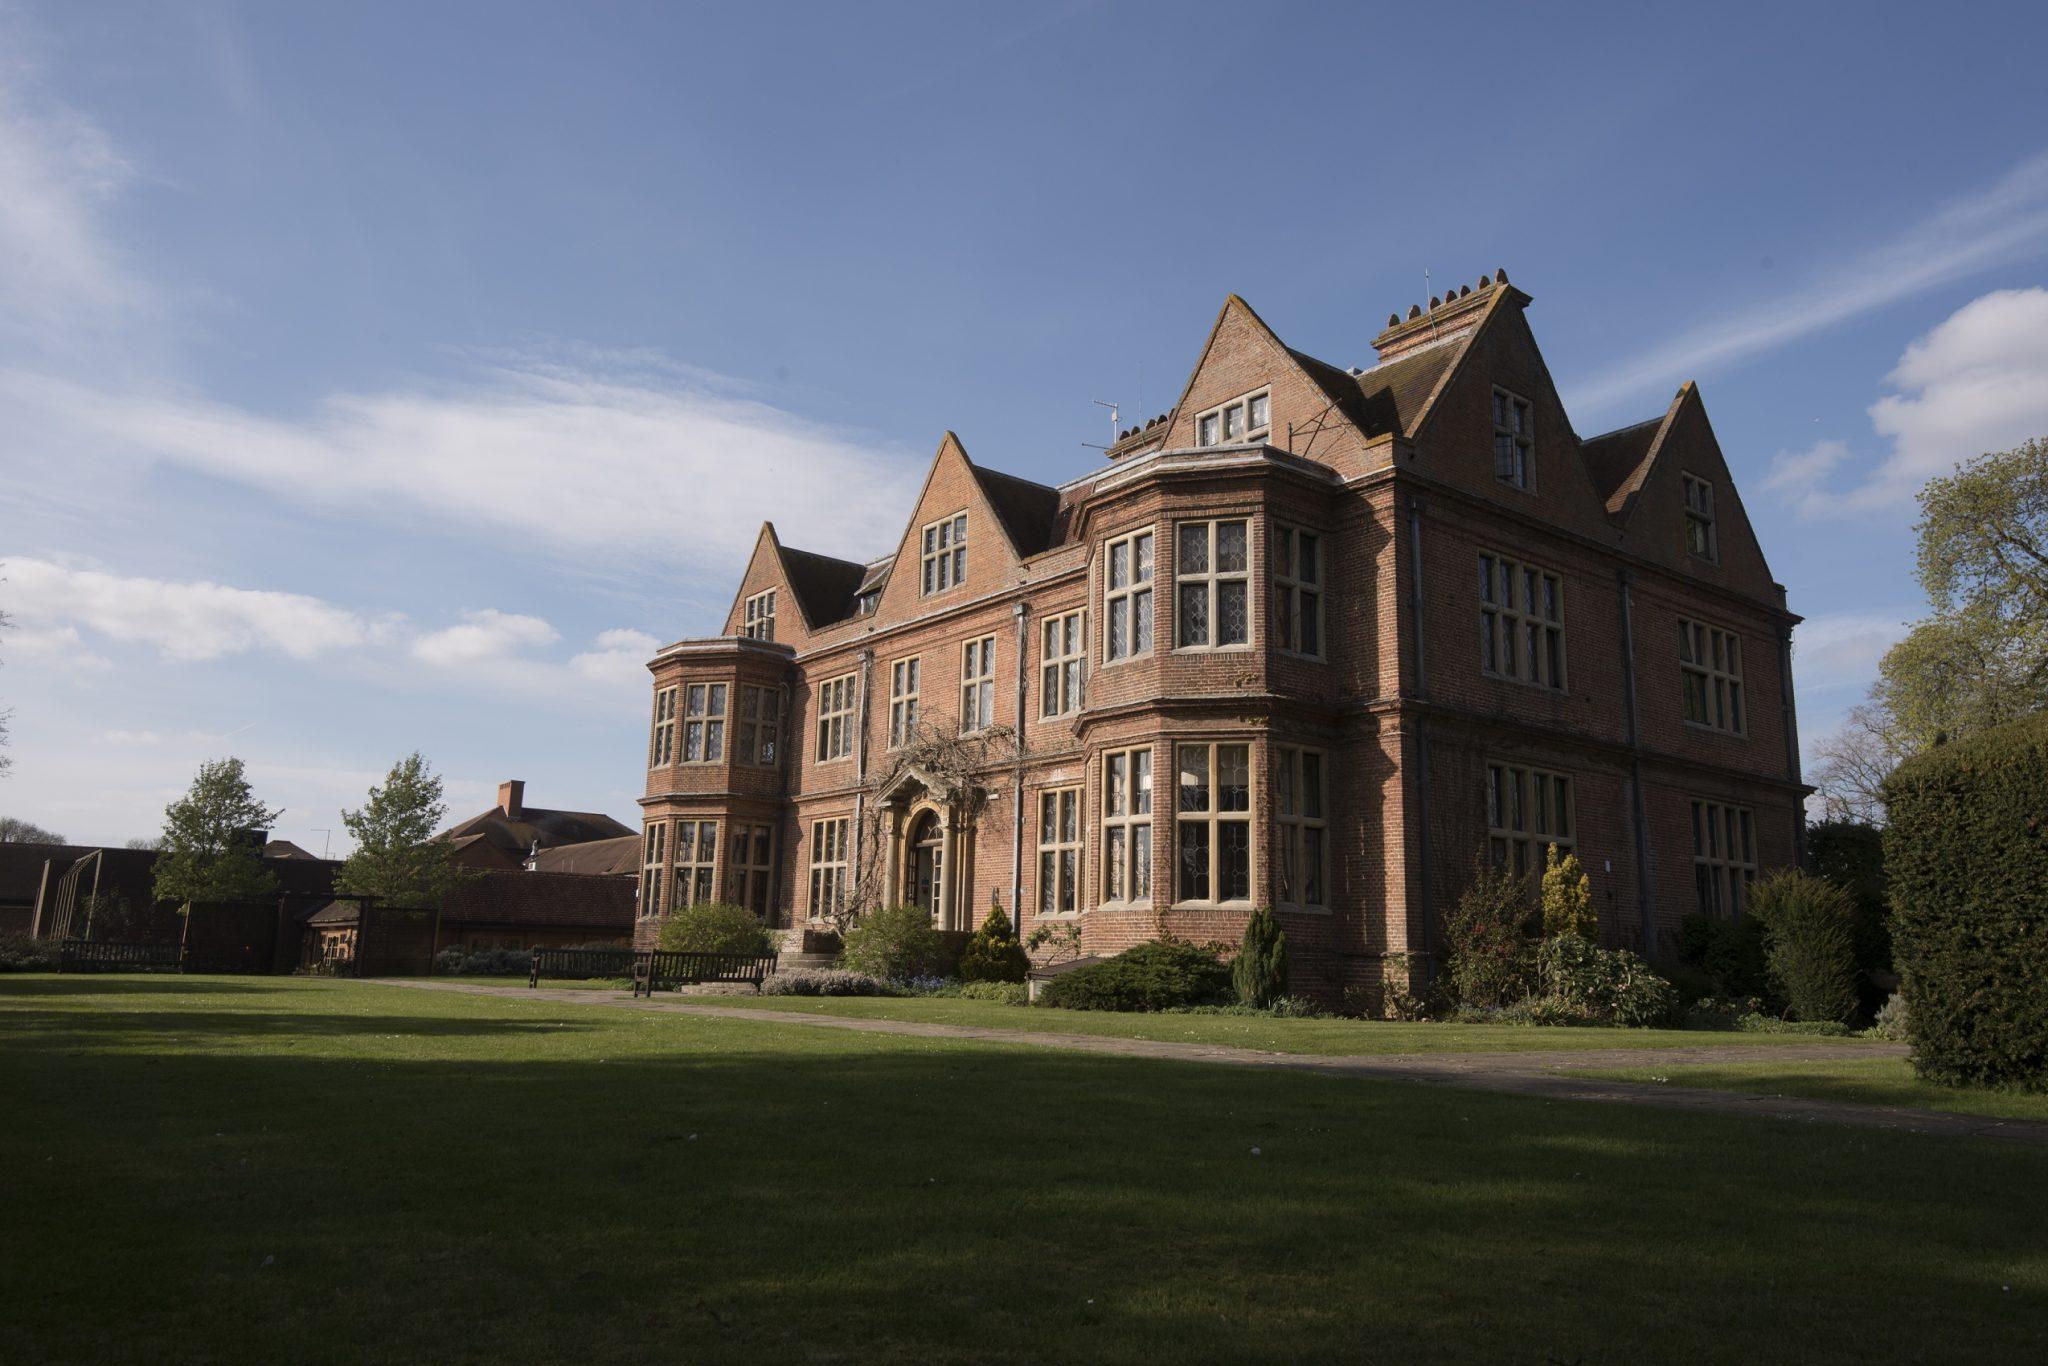 Horwood Estate